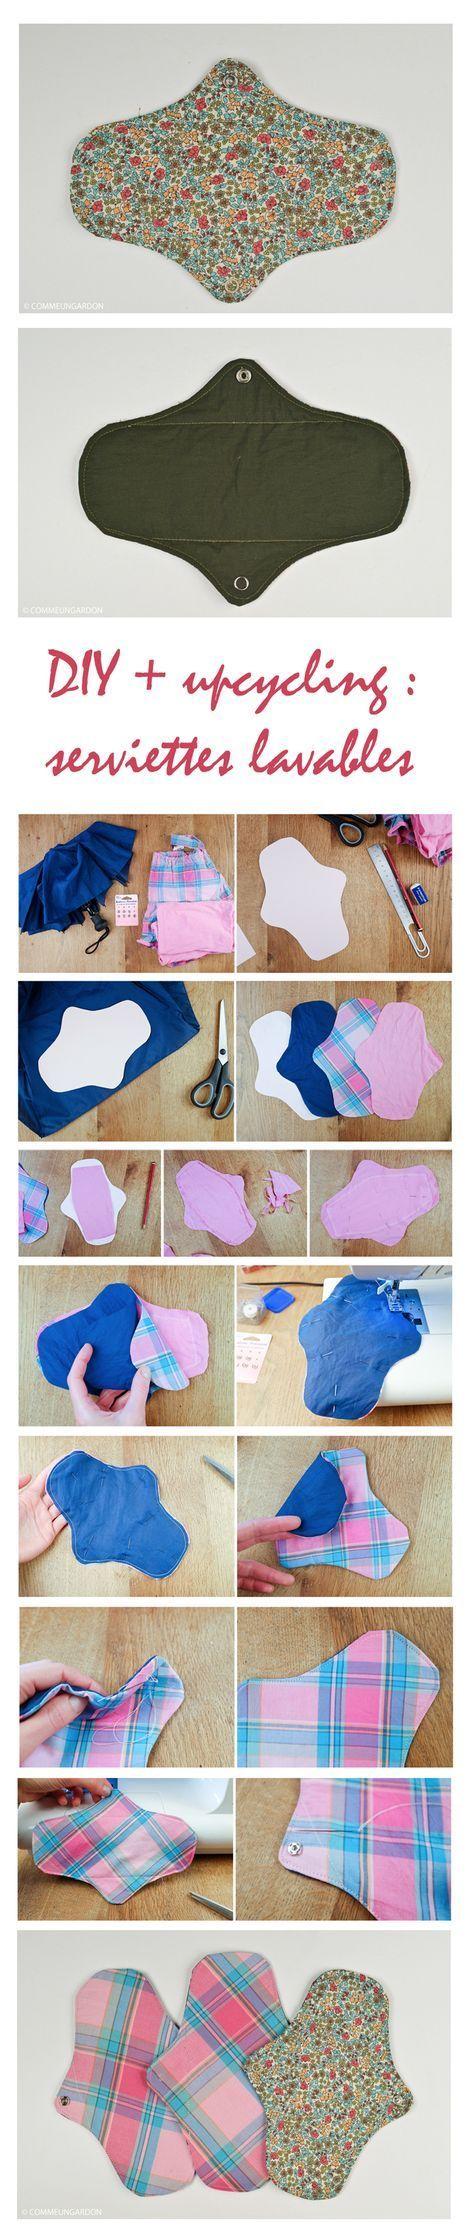 DIY | Serviettes hygiéniques lavables à partir de chutes de textile